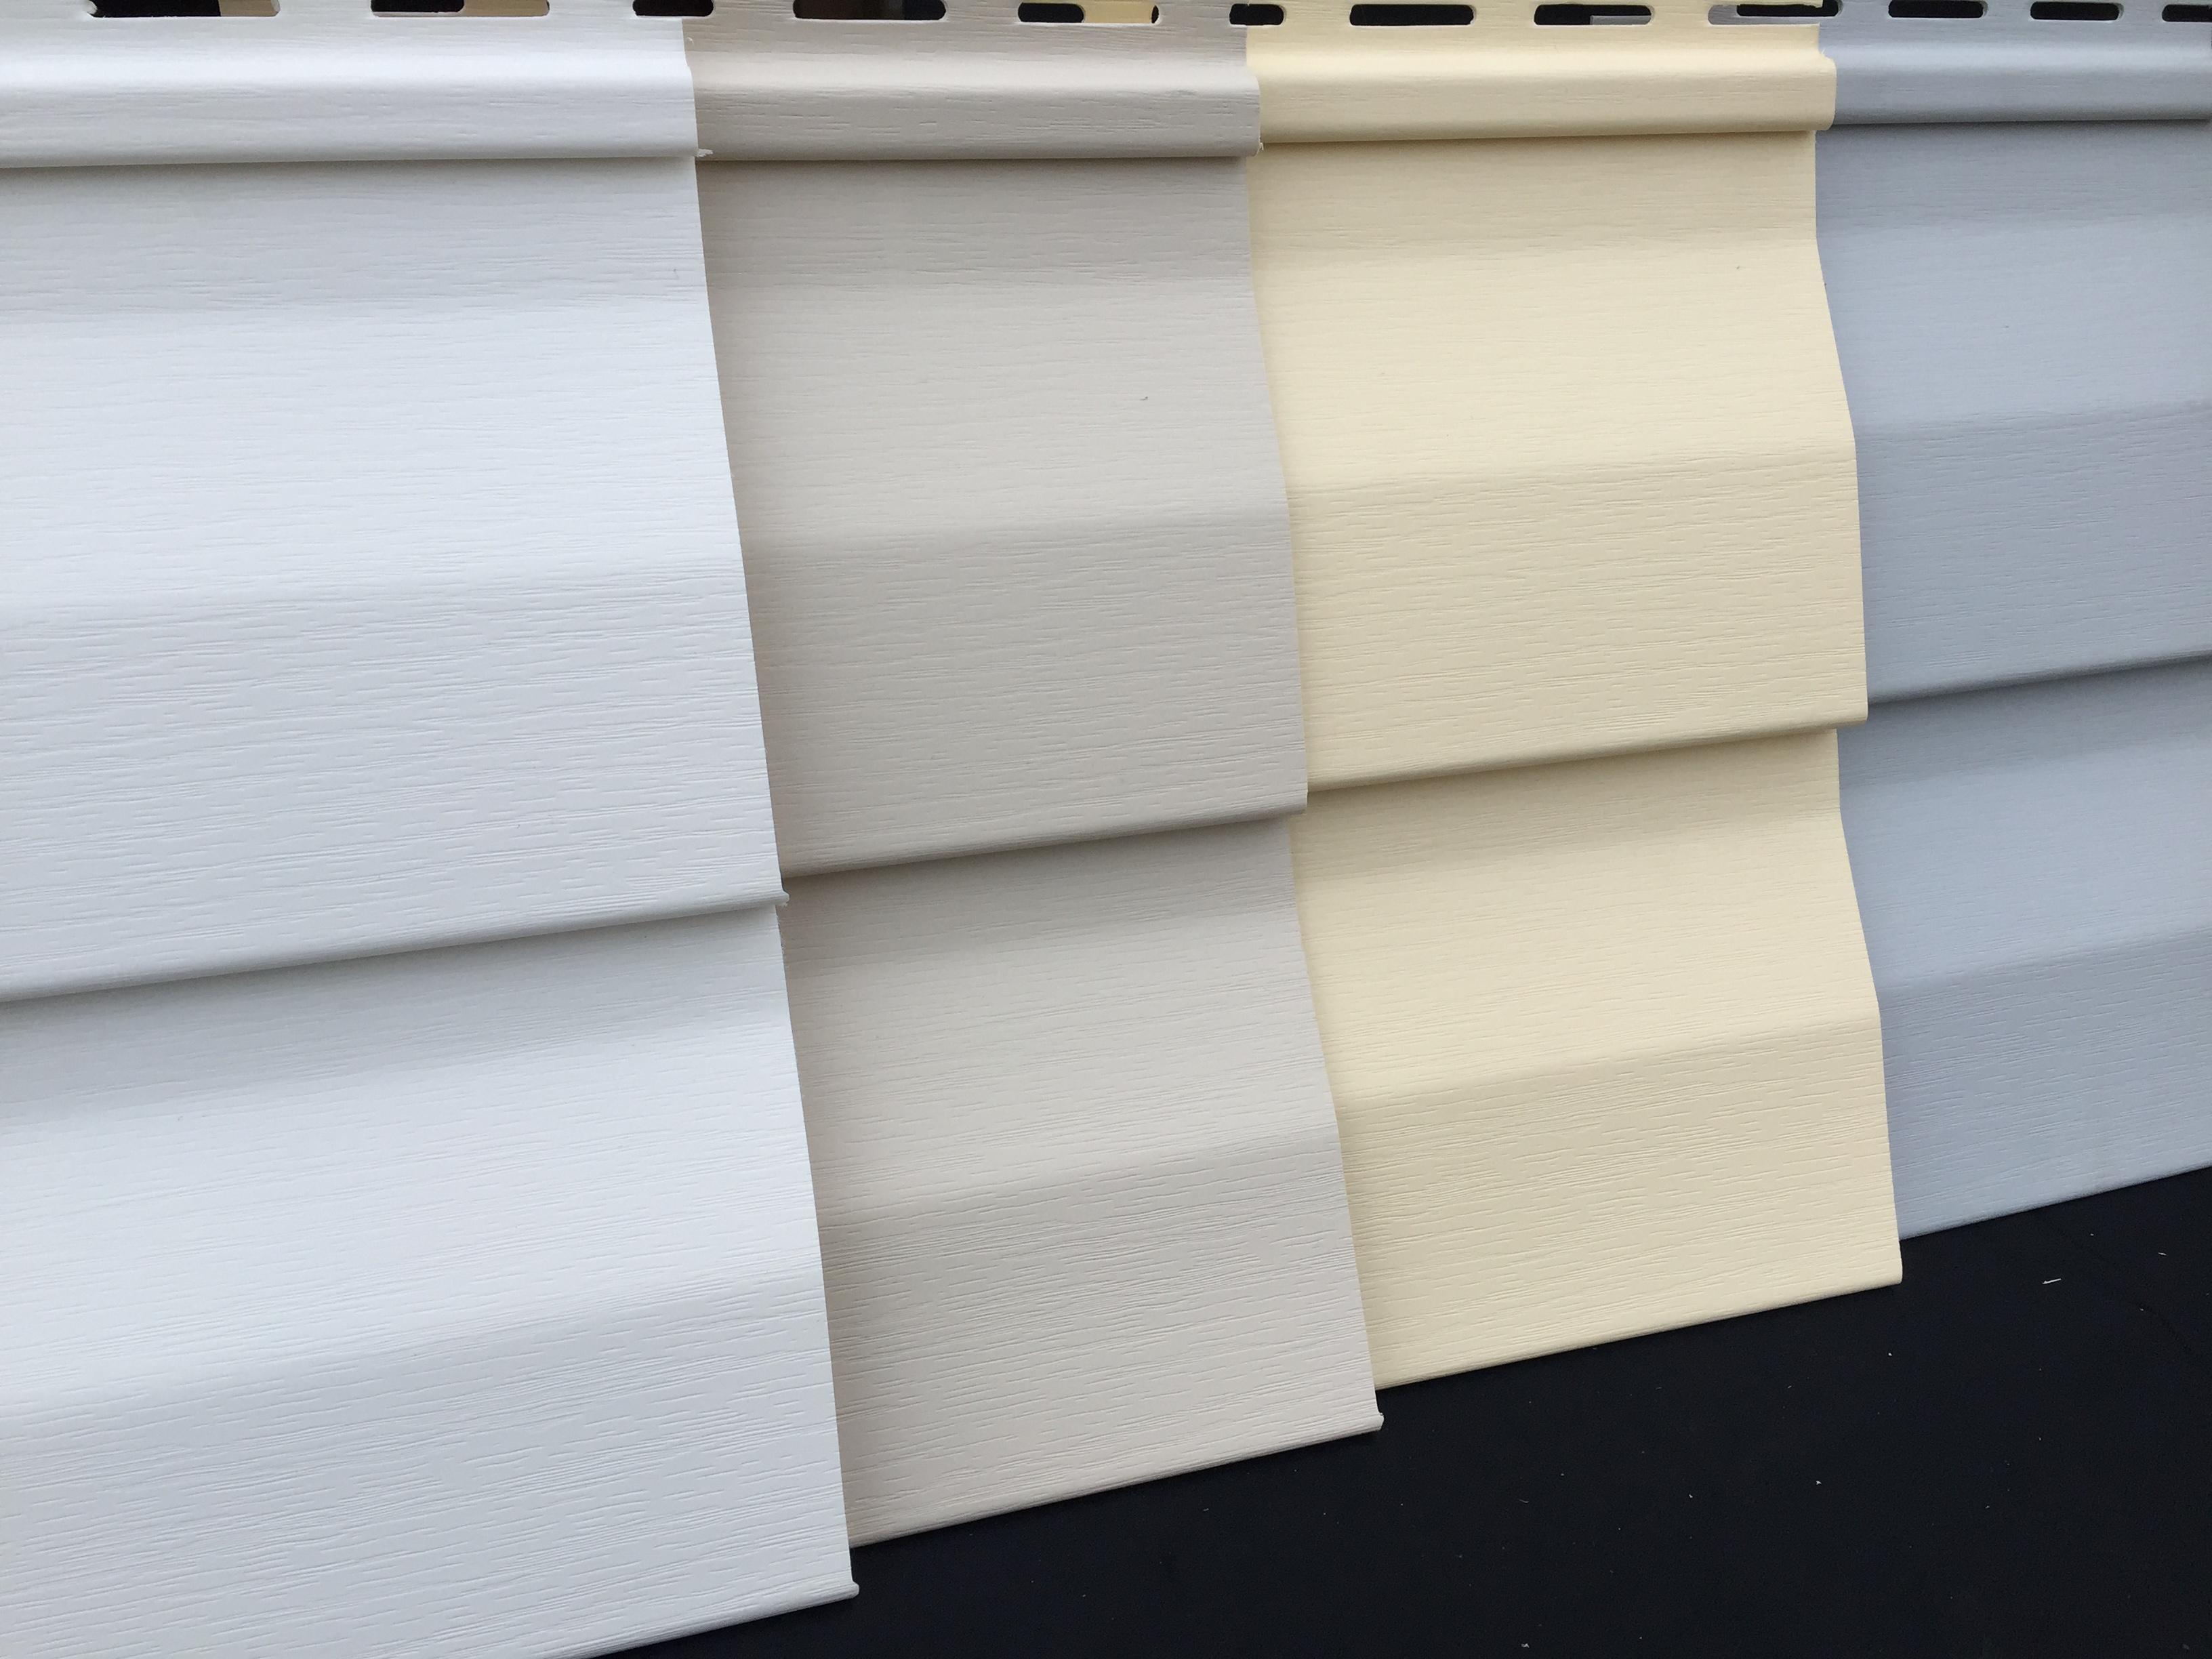 Bardage pvc clin vinyle couleurs pastel - Clin pvc exterieur ...